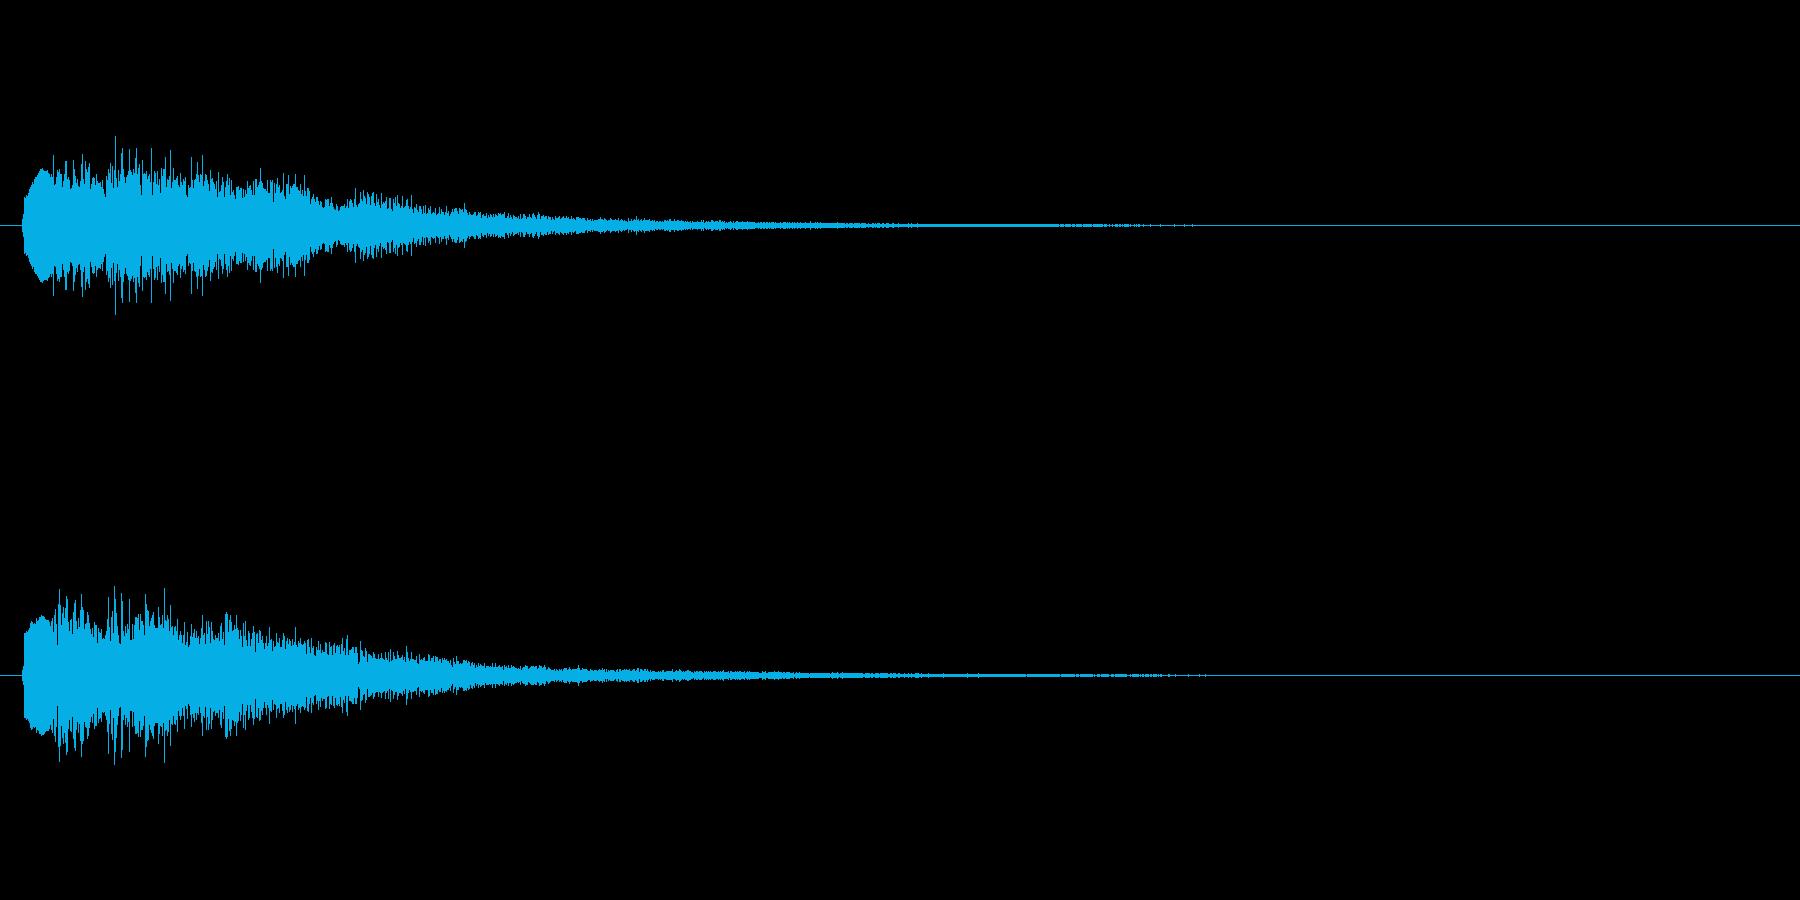 [チャララン]パラメータUP(コミカル)の再生済みの波形